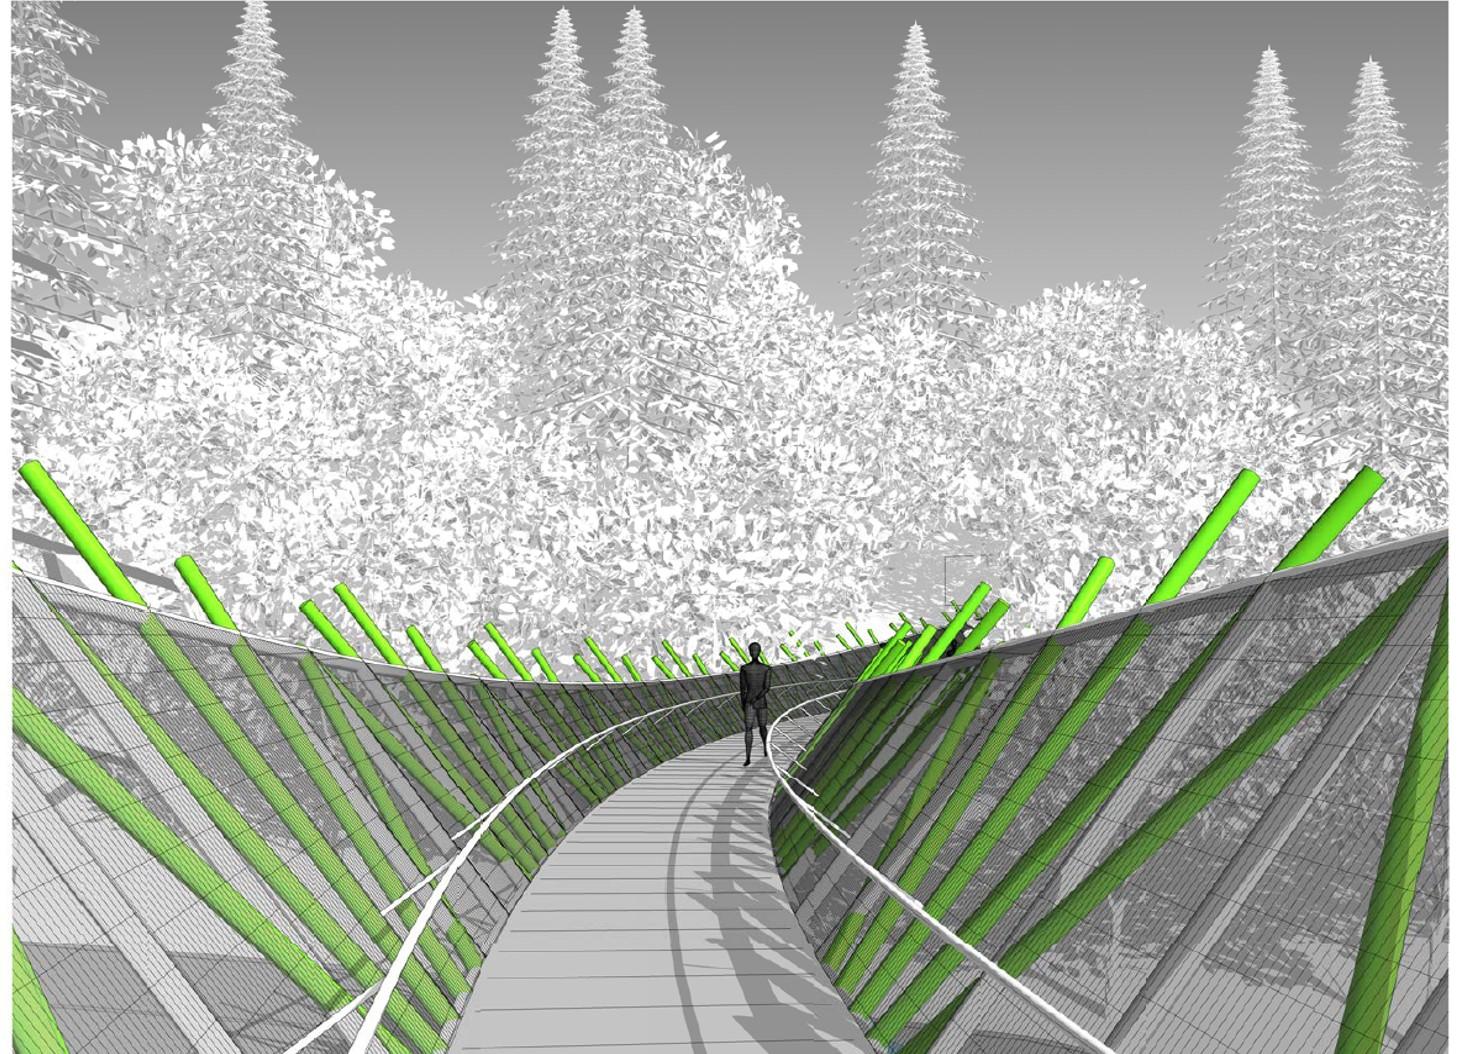 Wildwood Bridge Perspective.jpg